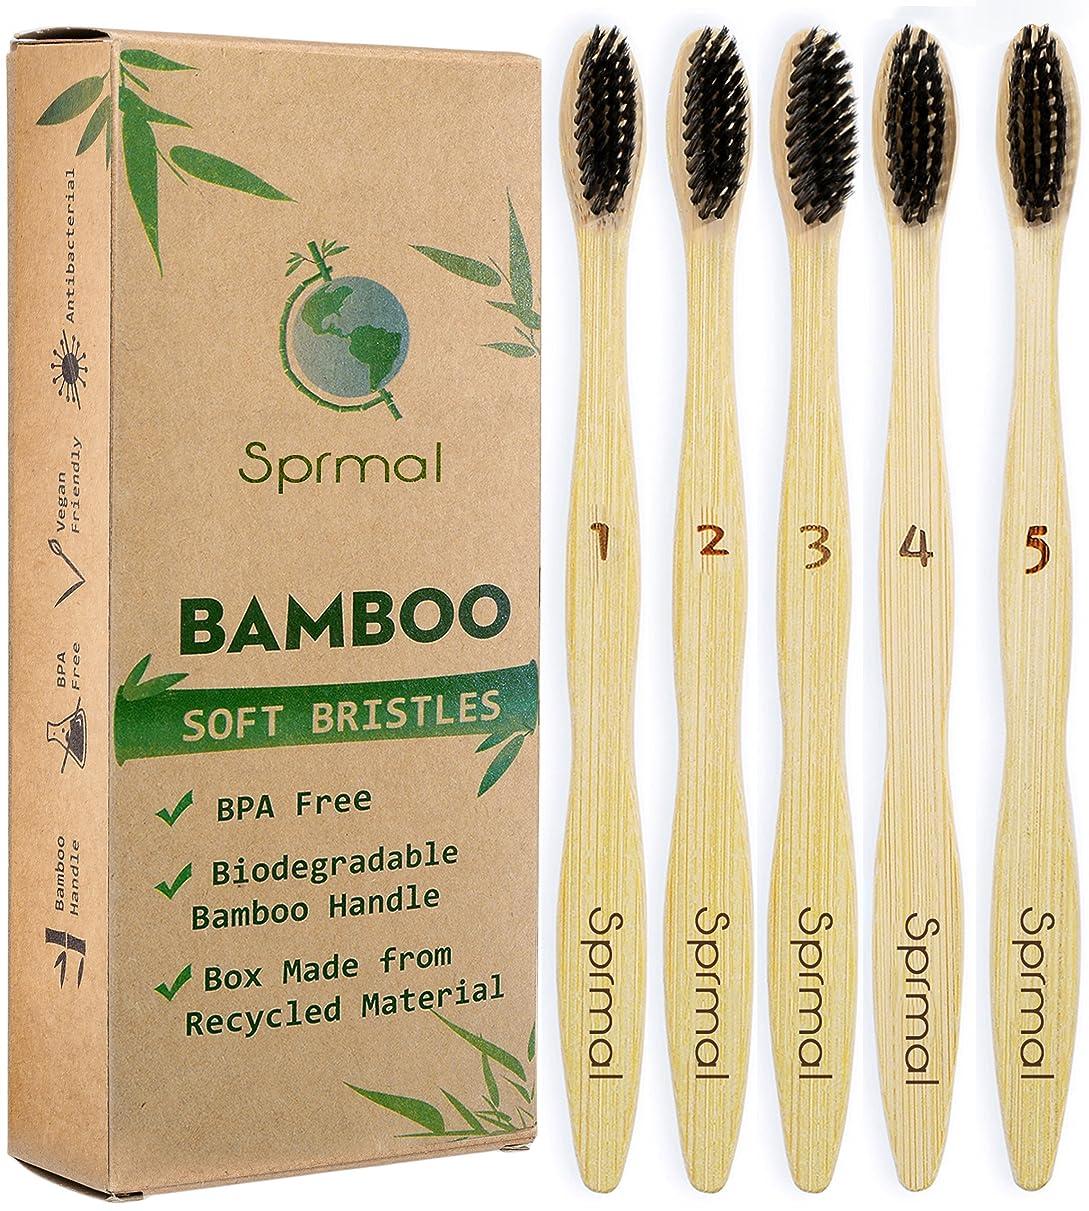 シガレットローラーハードリングSprmal Eco-Friendly Natural Bamboo Charcoal Toothbrush-Pack of 5,Individually Numbered,Zero Plastic Packaging,Biodegradable Organic Bamboo Handle and BPA Free Soft Nylon Bristles for Sensitive Gums 141[並行輸入]